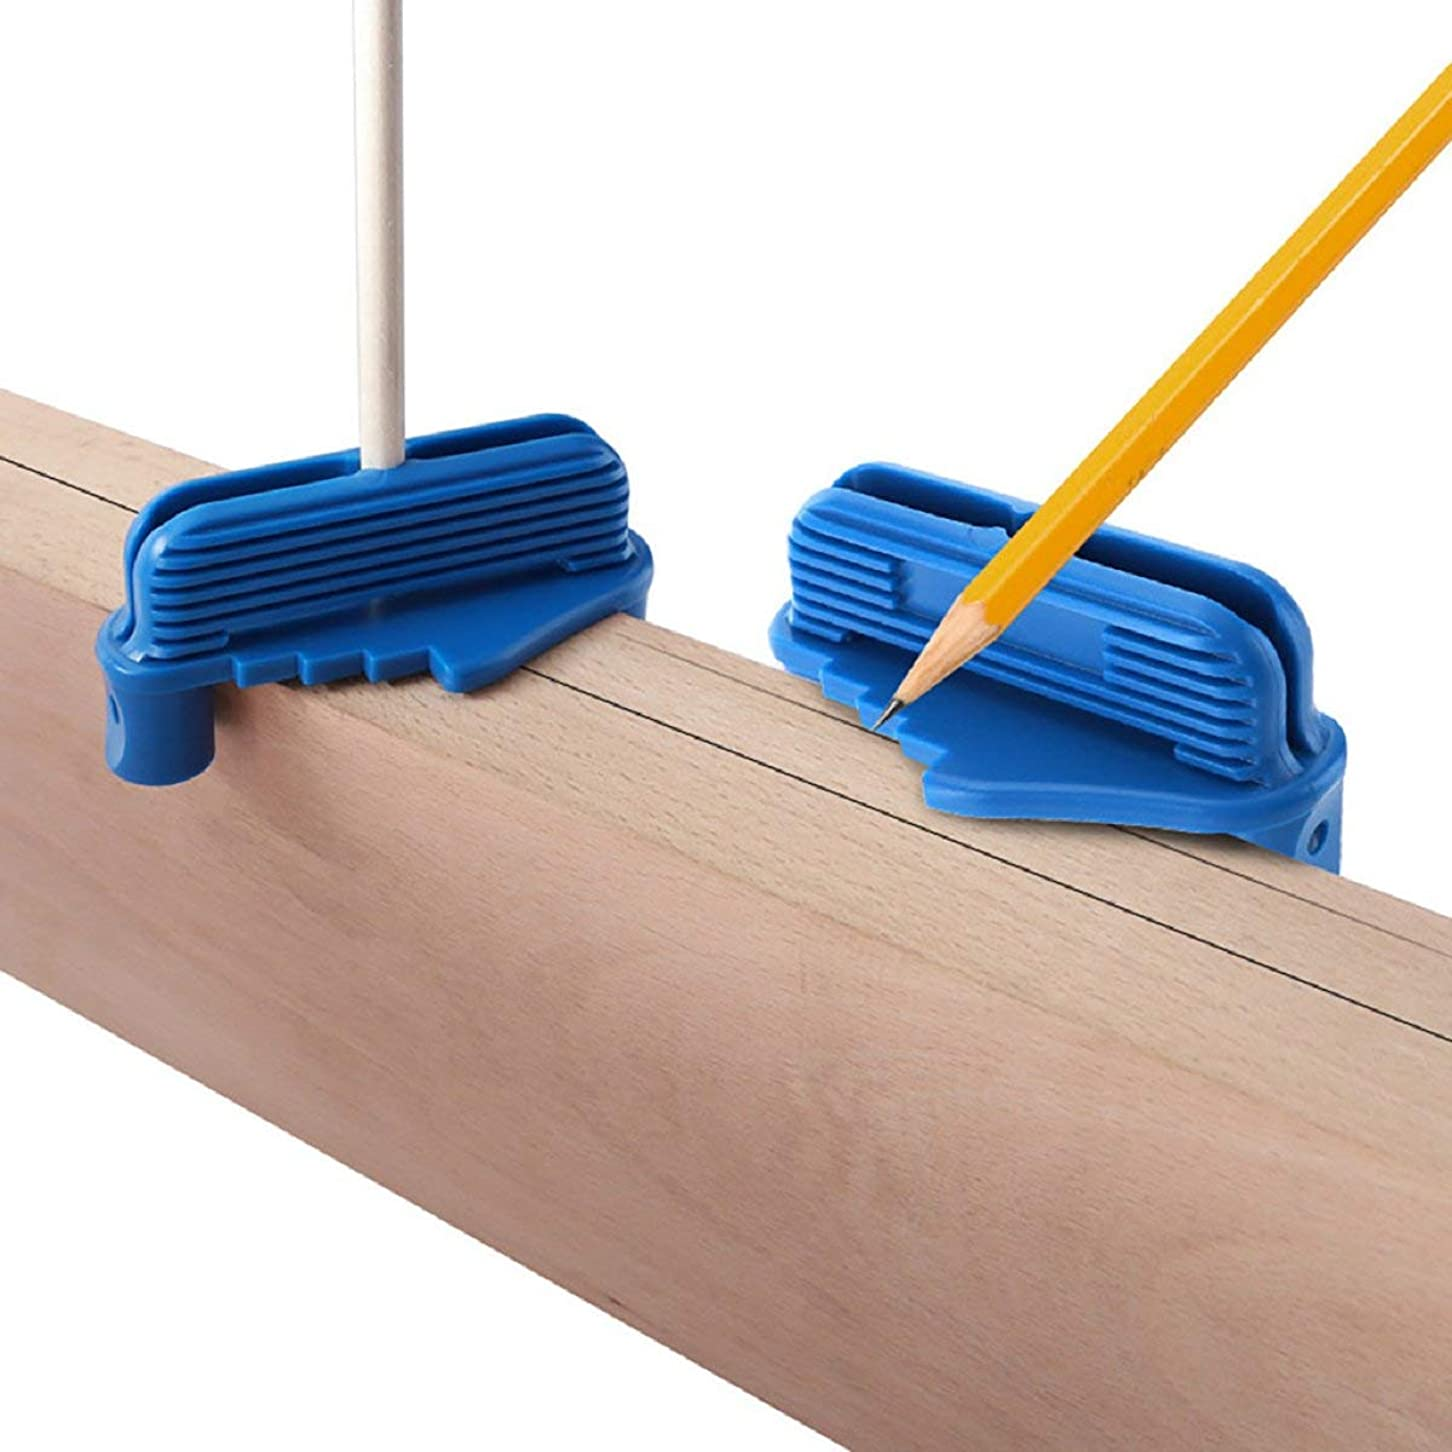 警告する擬人化委員会Putars センタースクライバー木工センタースクライブセンタースクライブロッカーセンターオフセットマーキングツールにフィット標準木製鉛筆、木工測定ツール